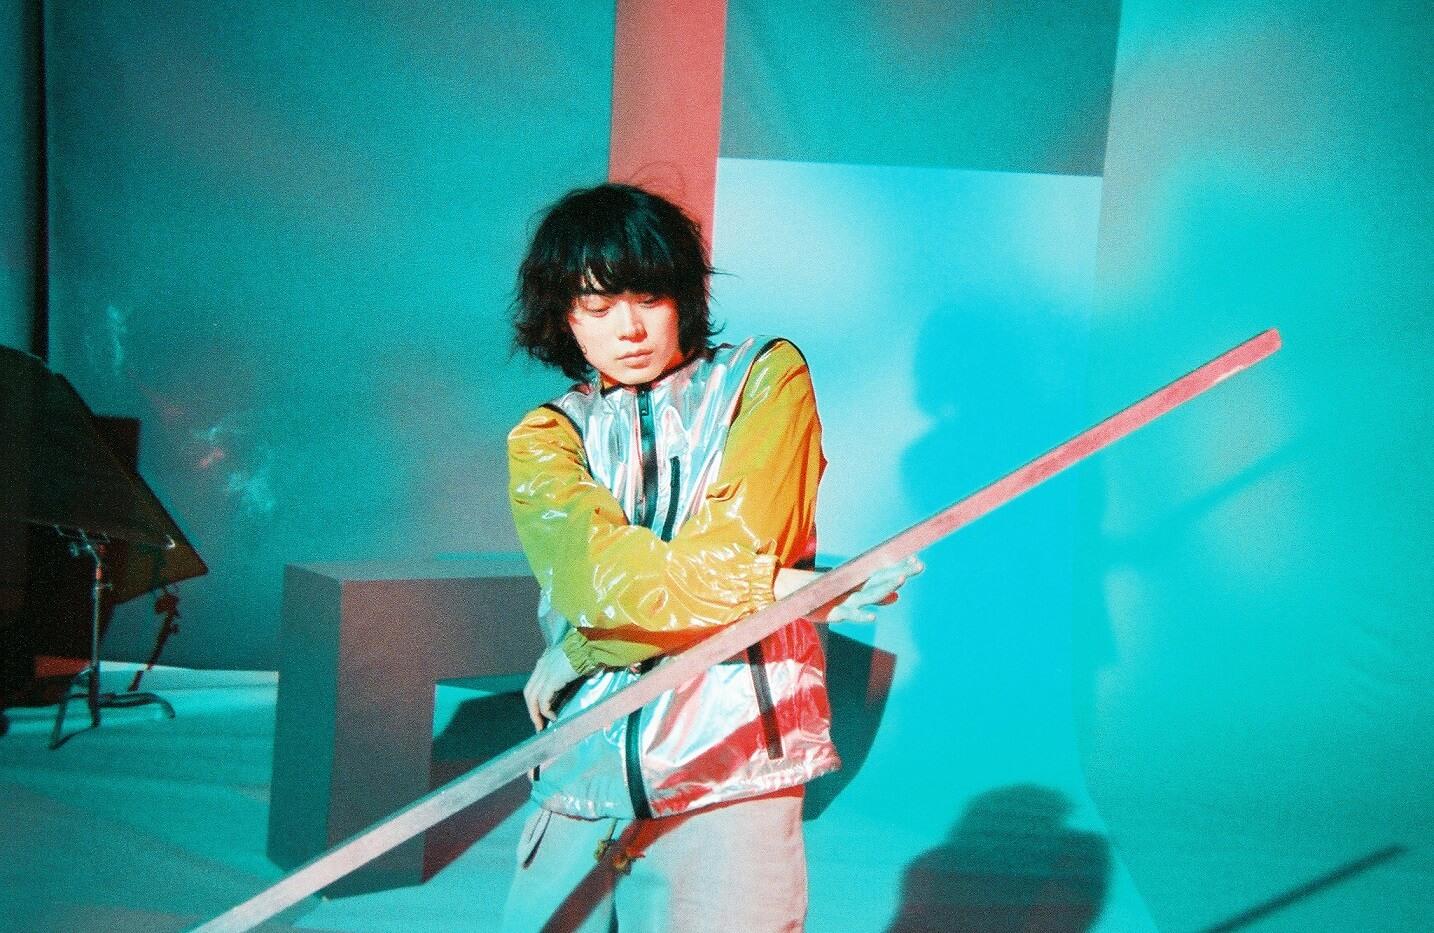 菅田将暉、米津玄師の才能を絶賛「すごく眩しくて」サムネイル画像